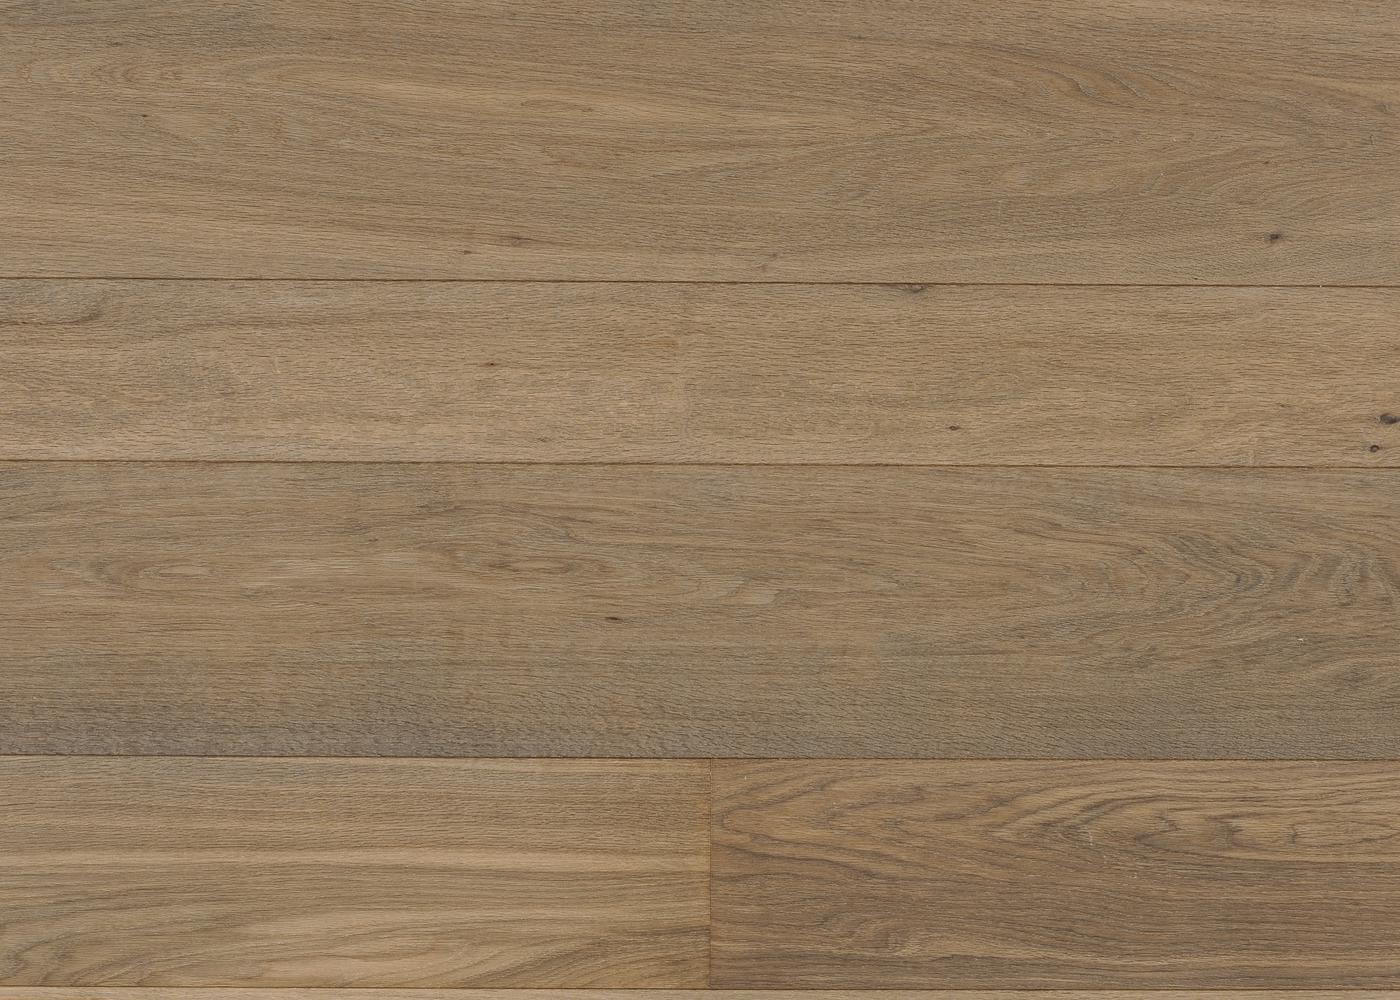 Parquet chêne contrecollé GRAVIER huile cire PRBis 14x148x2200